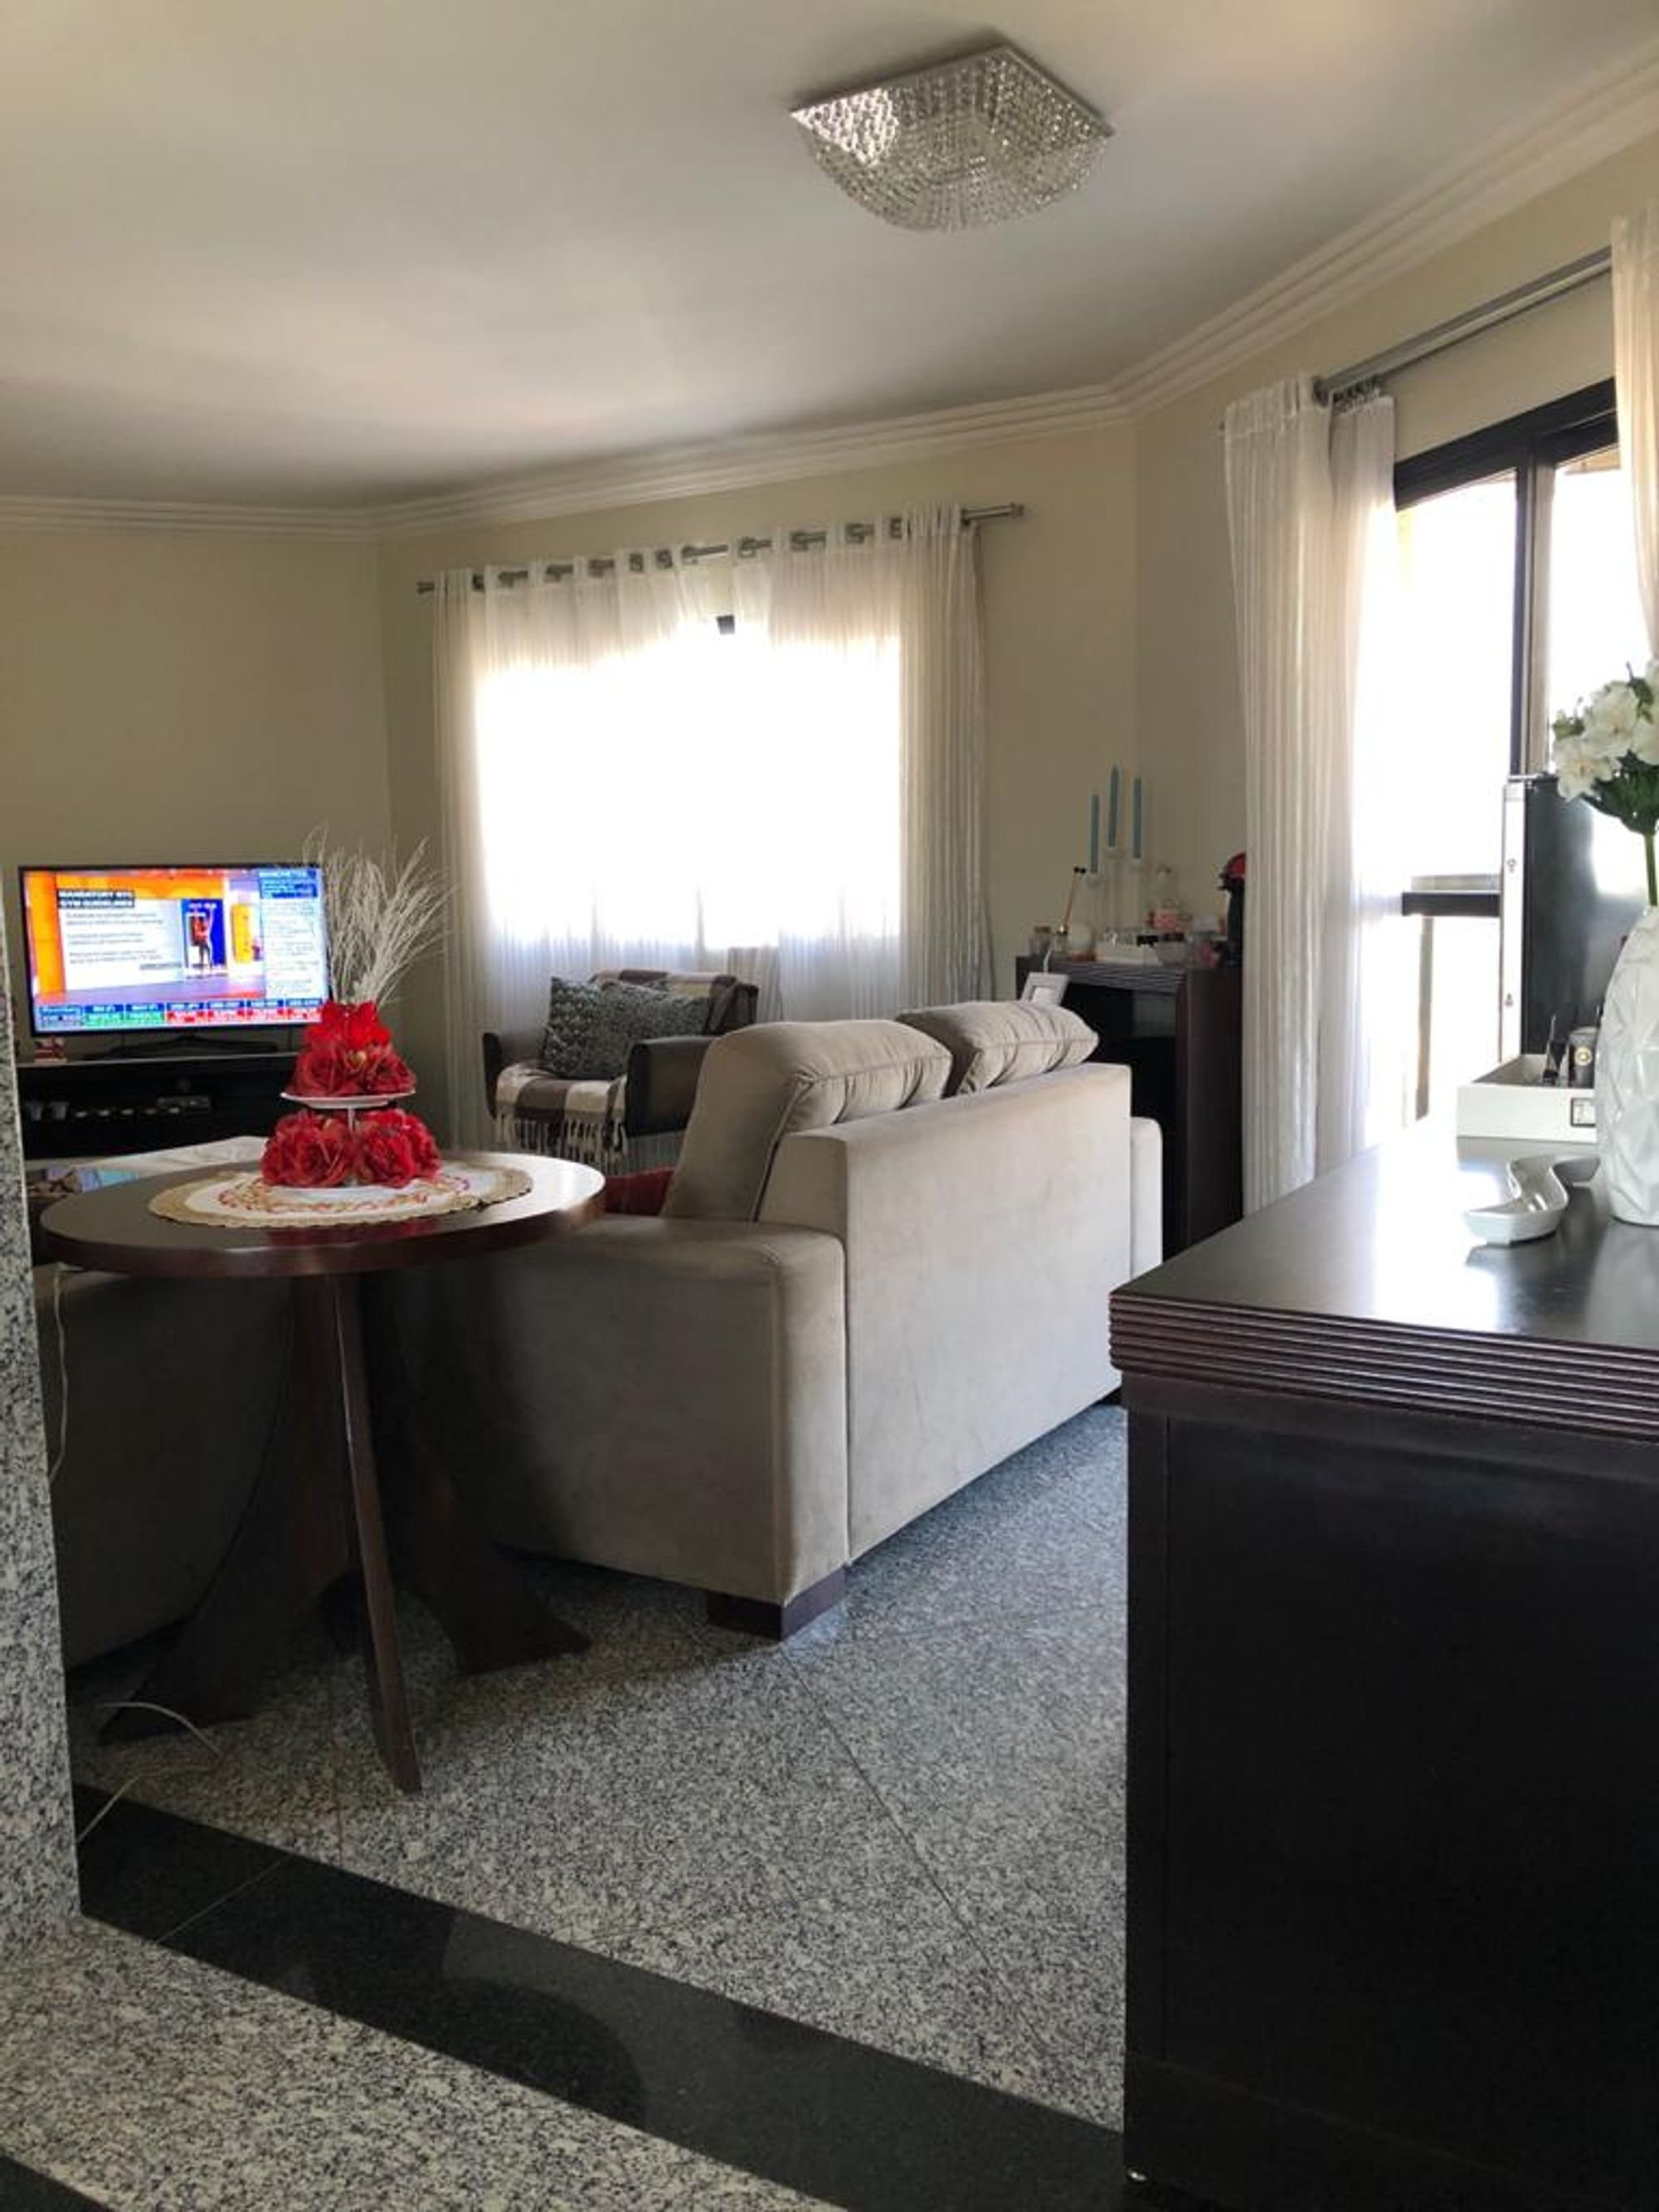 Foto de Sala com sofá, televisão, mesa de jantar